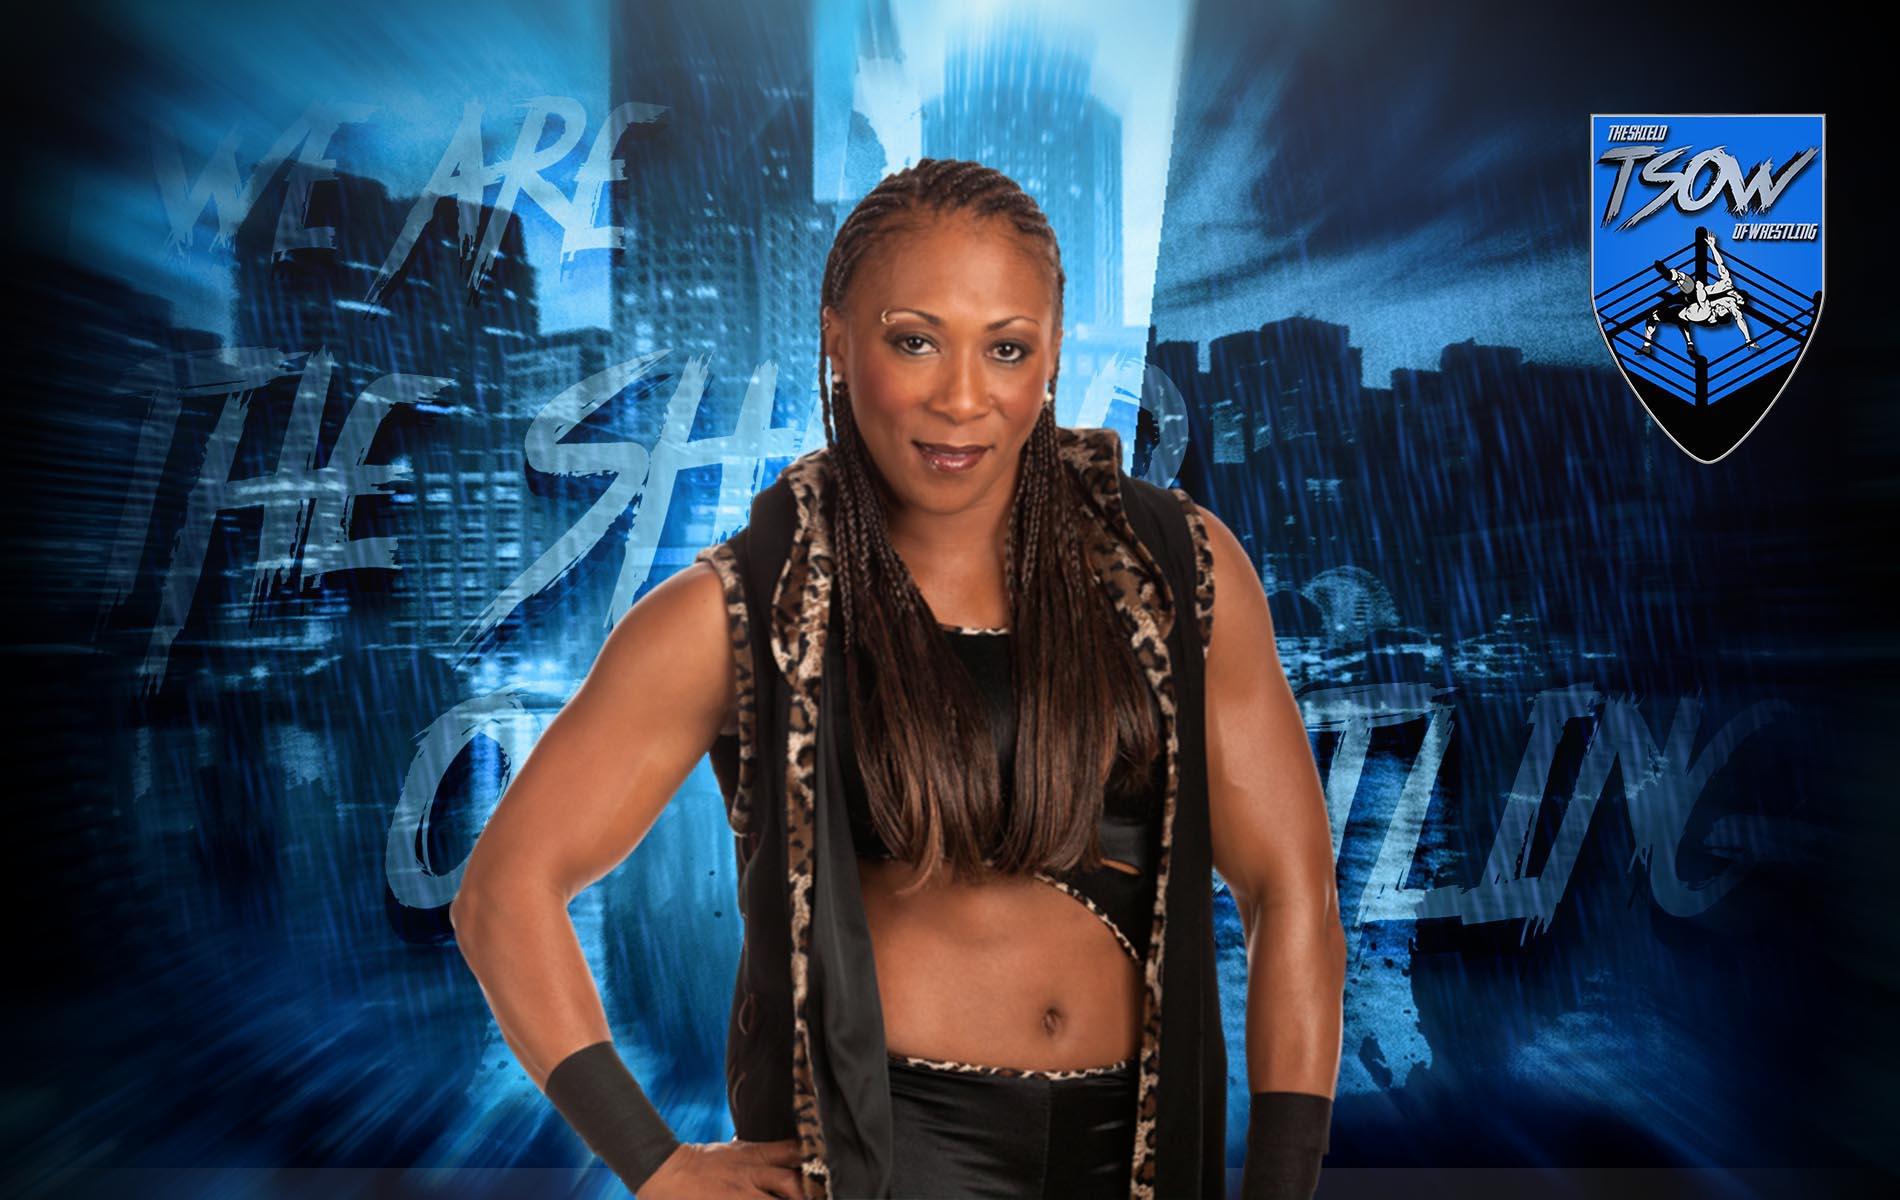 Jazz annuncia il suo ritiro dal wrestling